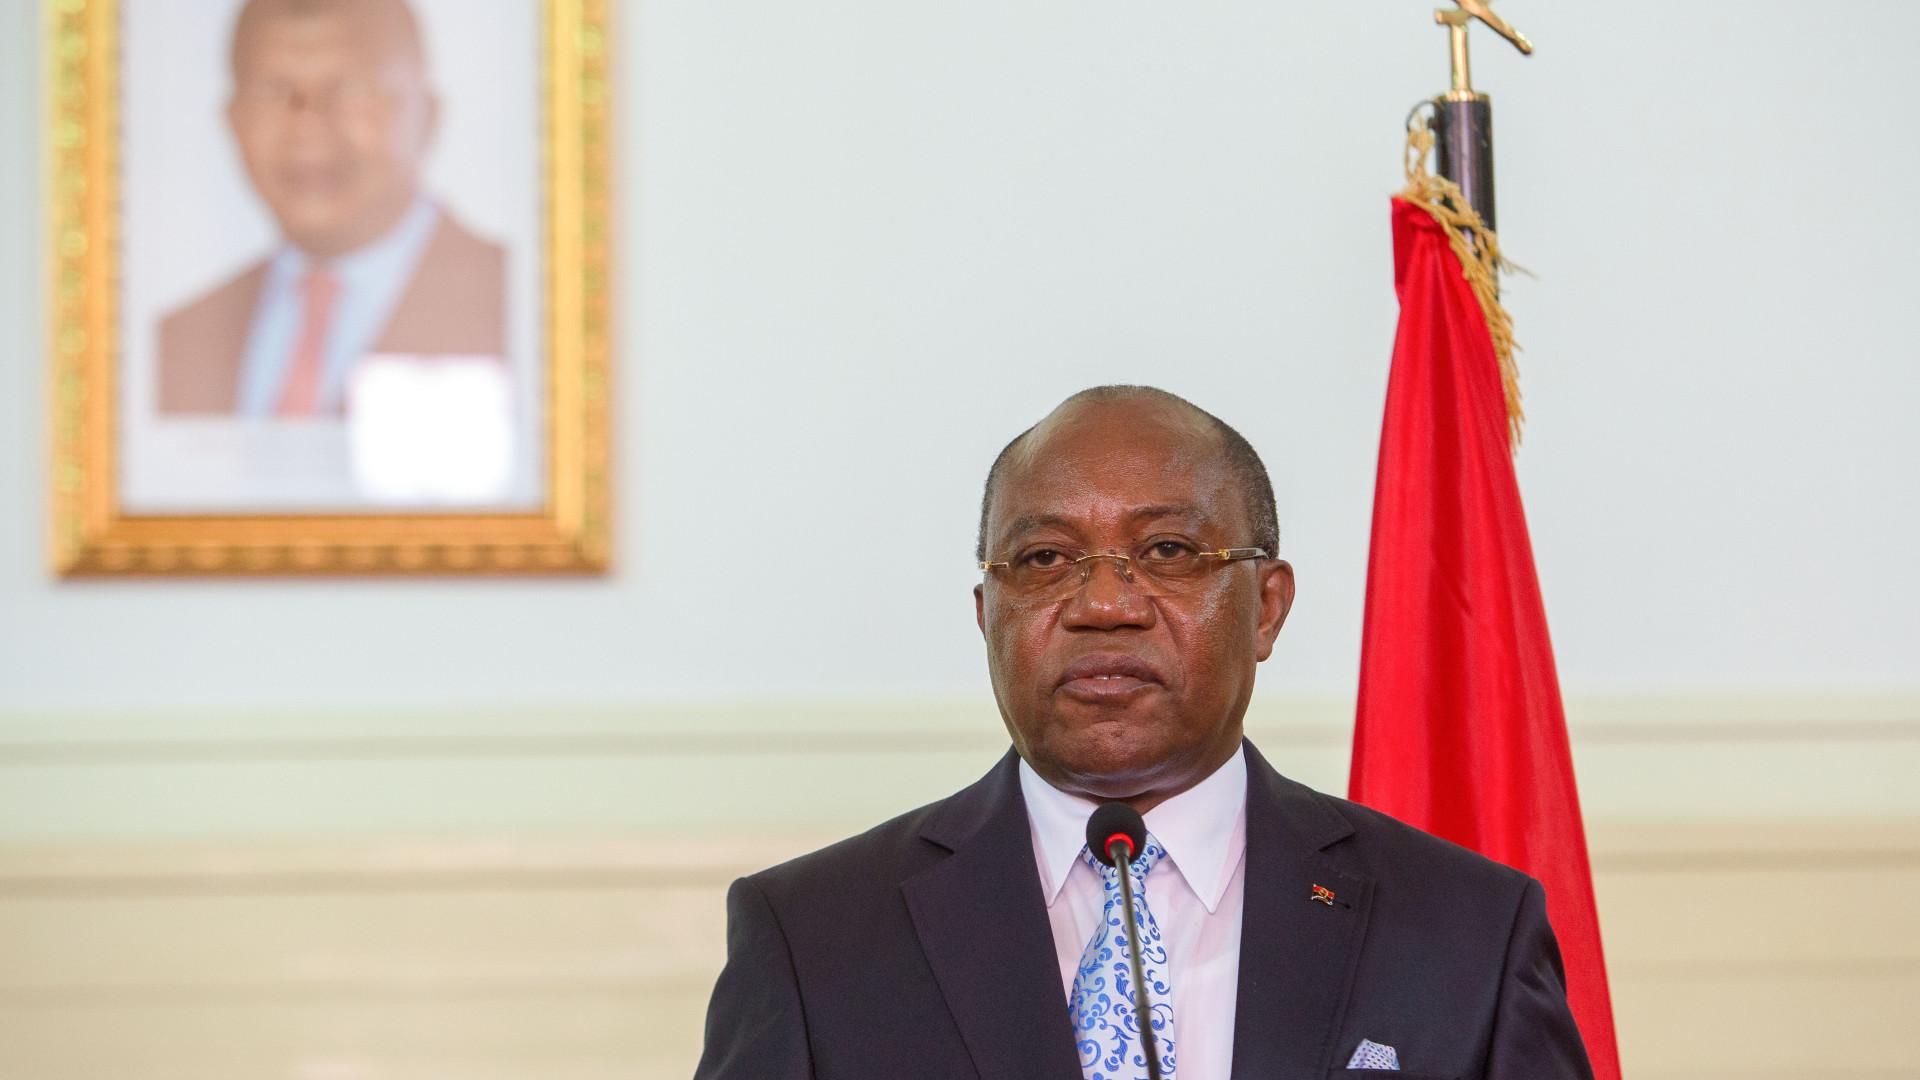 Chefe da diplomacia angolana: Relações com Portugal são insubstituíveis